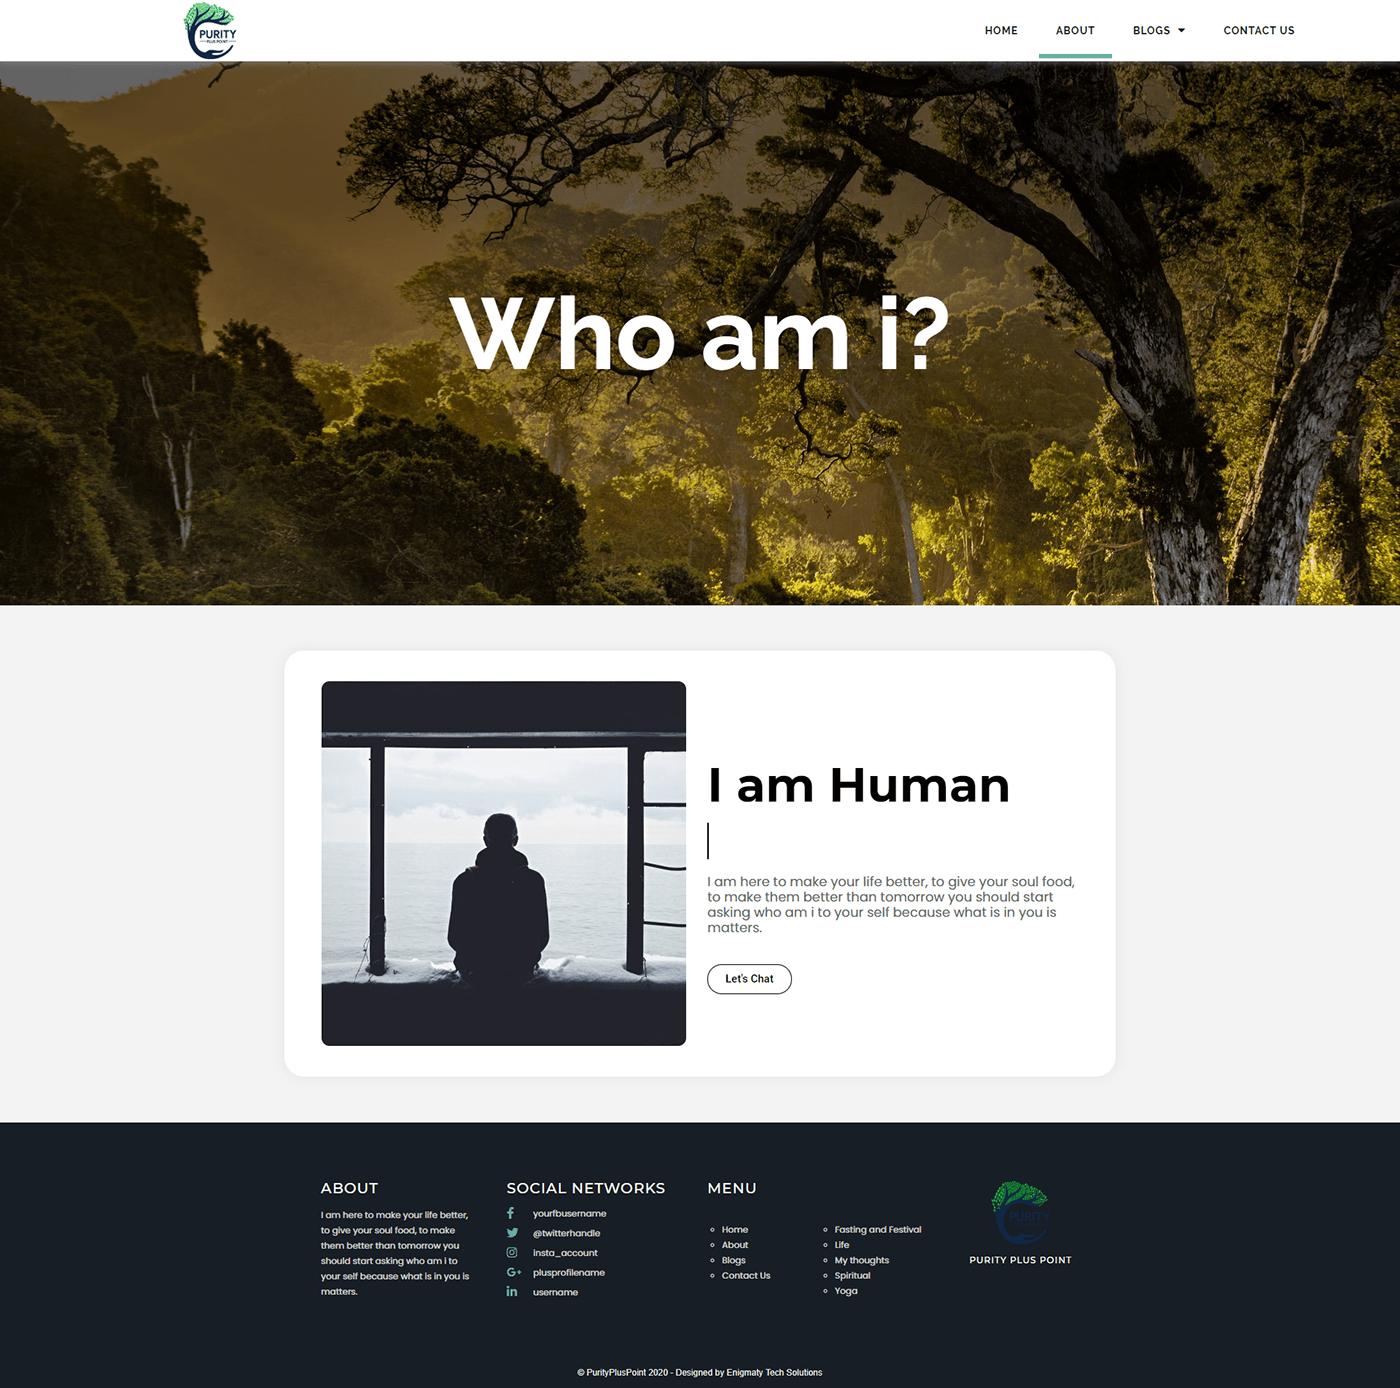 Image may contain: screenshot, abstract and tree